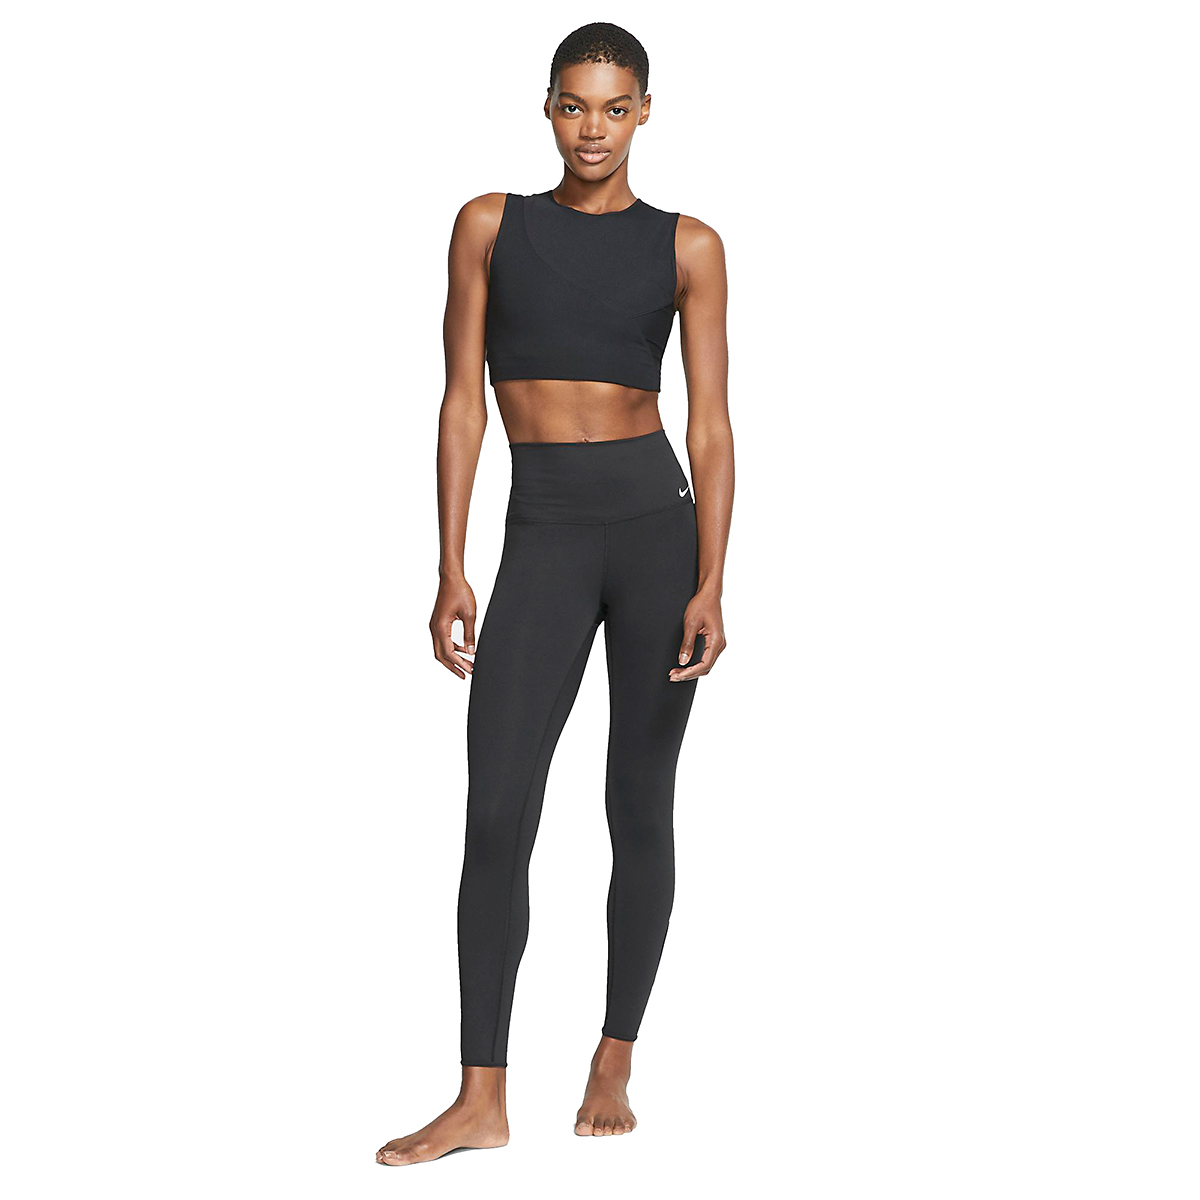 Women's Nike 7/8 Yoga Tight  - Color: Black/White - Size: XL, Black/White, large, image 3